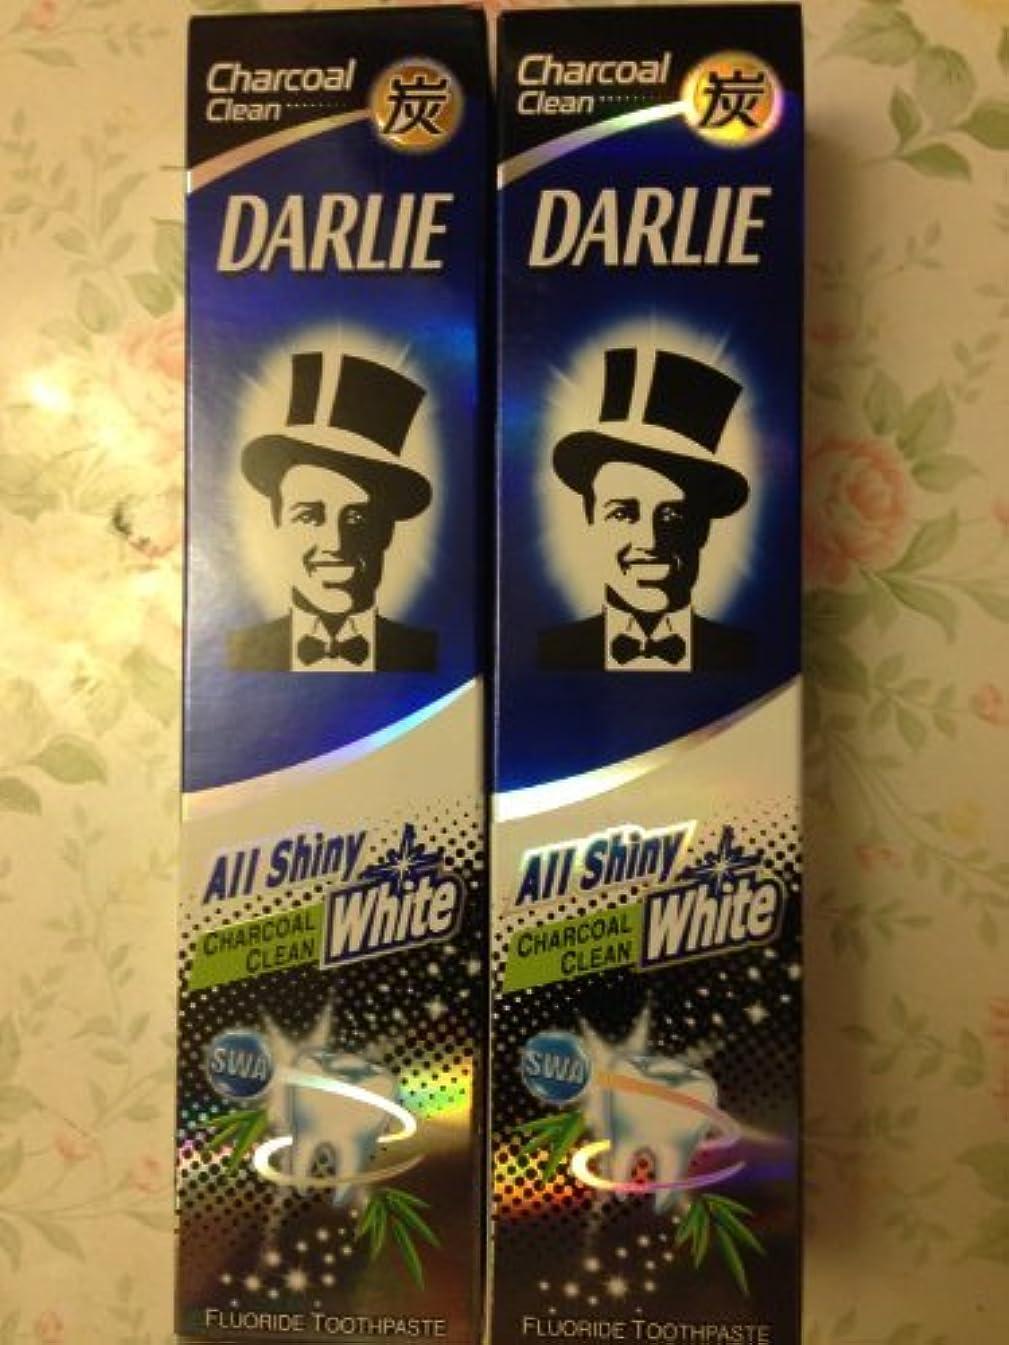 霜ジョセフバンクス委託2 packs of Darlie Charcoal All Shiny Whitening Toothpaste by Darlie